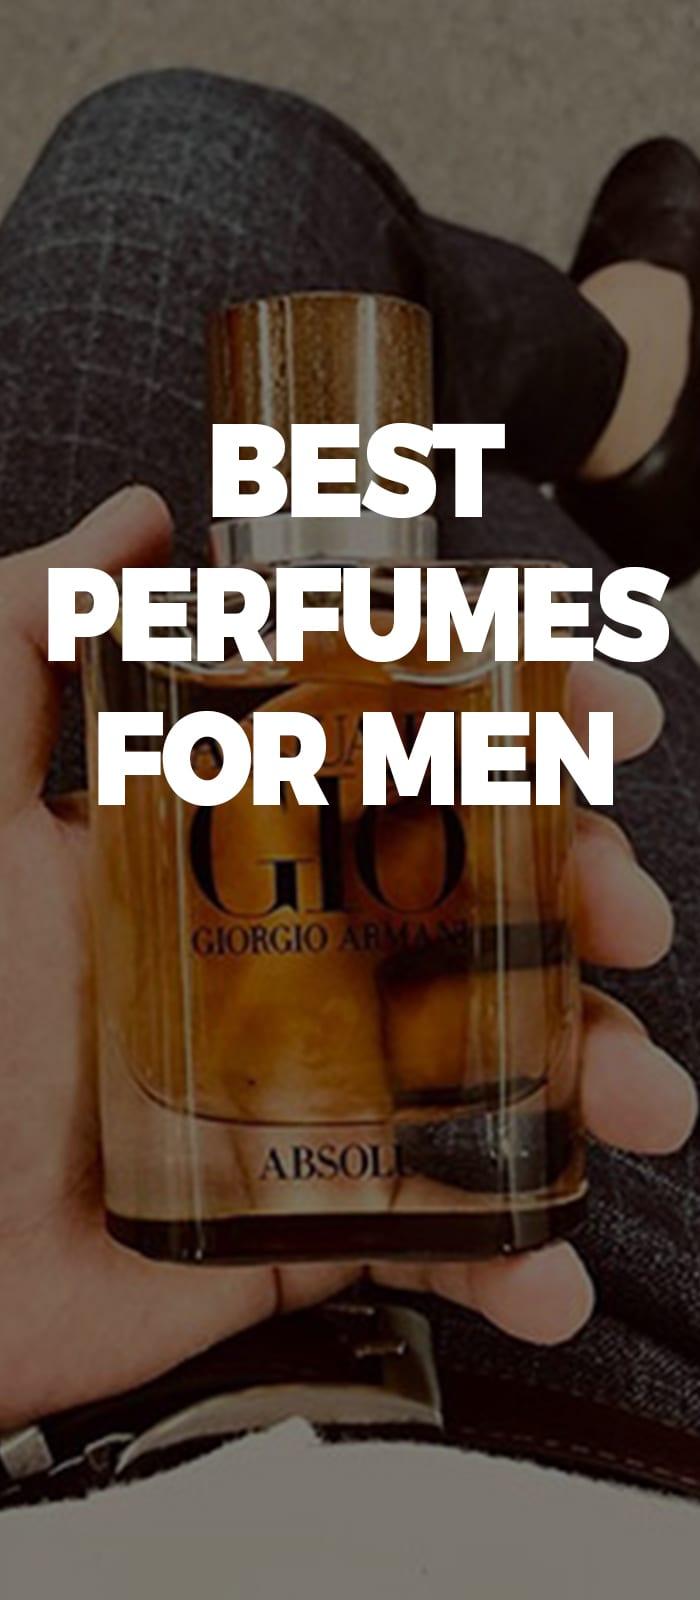 Aqua Di Gio EDP Perfumes for men to try